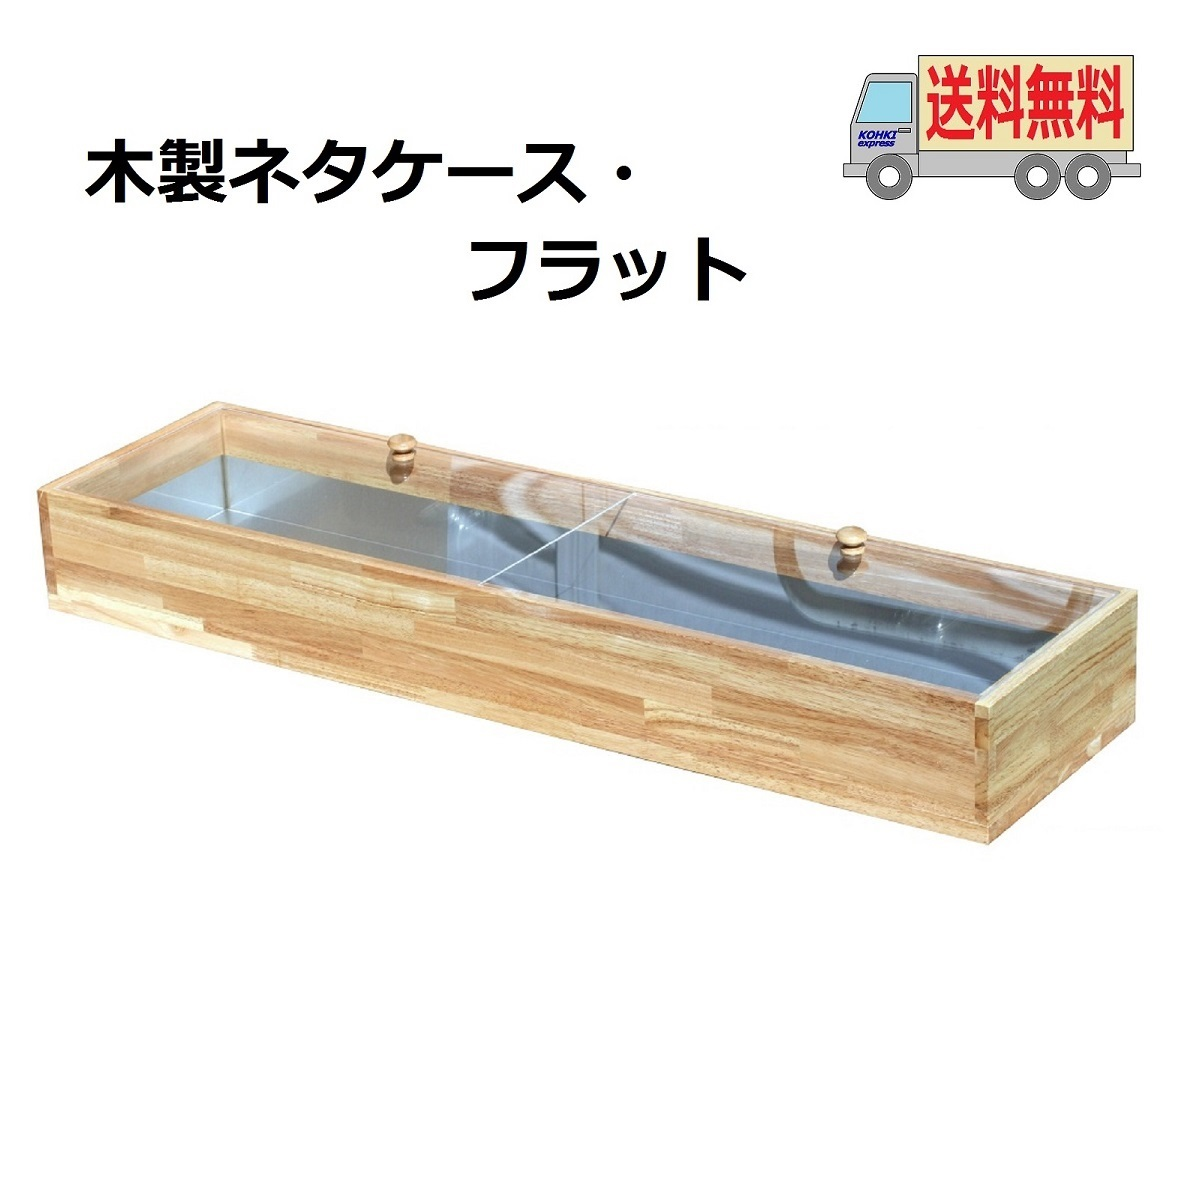 送料無料 木製ネタケース・FL 1200mm ナチュラル 氷で保冷 木製 日本製 店舗用